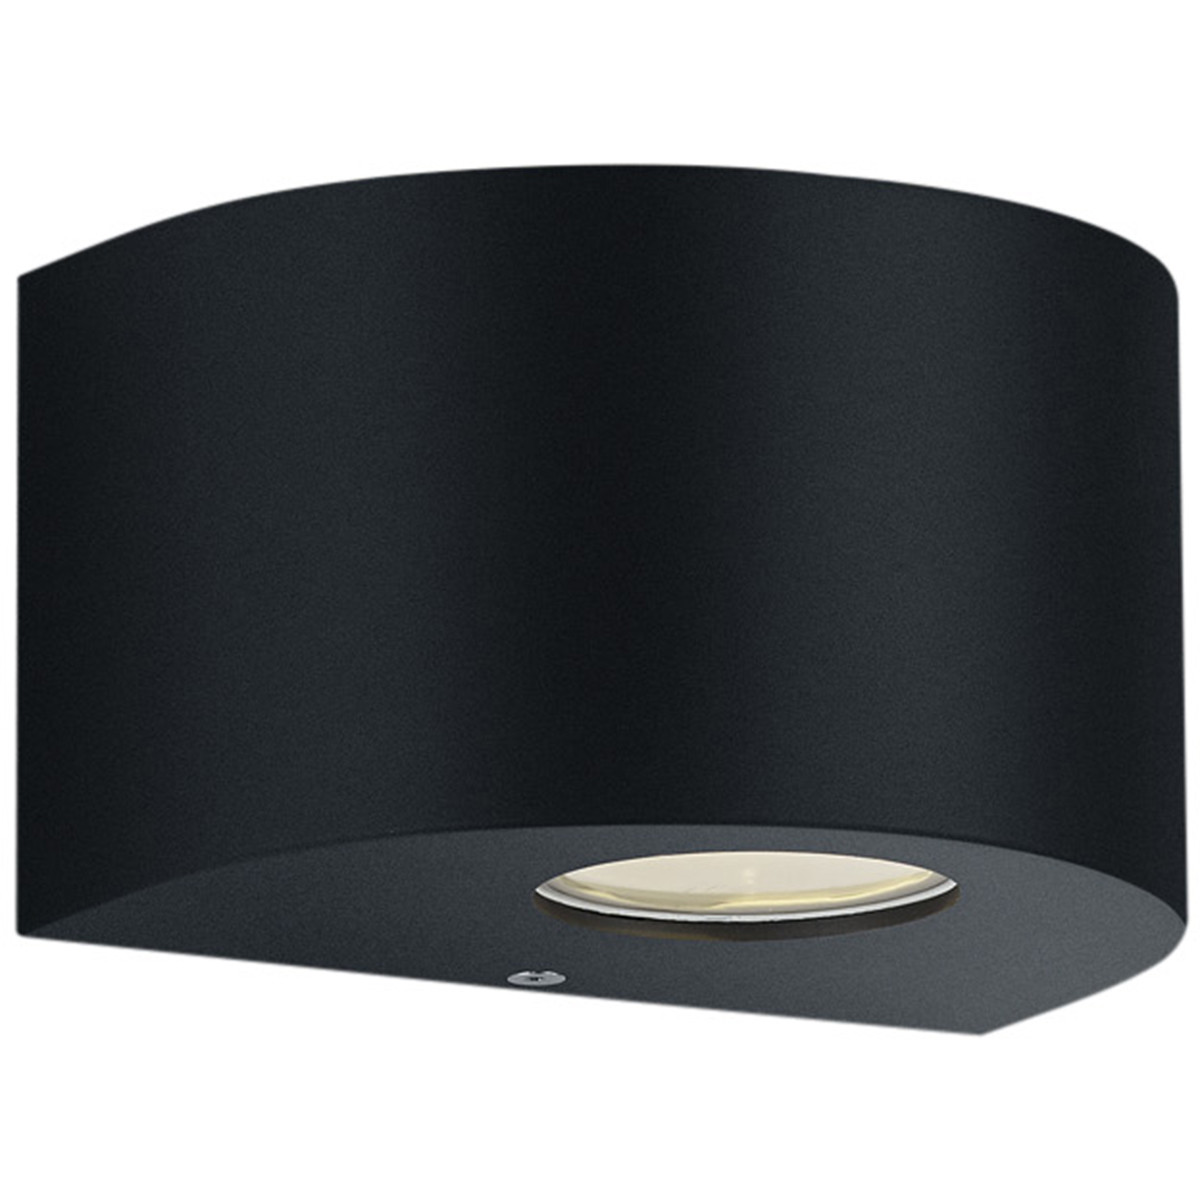 LED Tuinverlichting - Tuinlamp - Trion Rosina - Wand - 4W - Mat Zwart - Kunststof